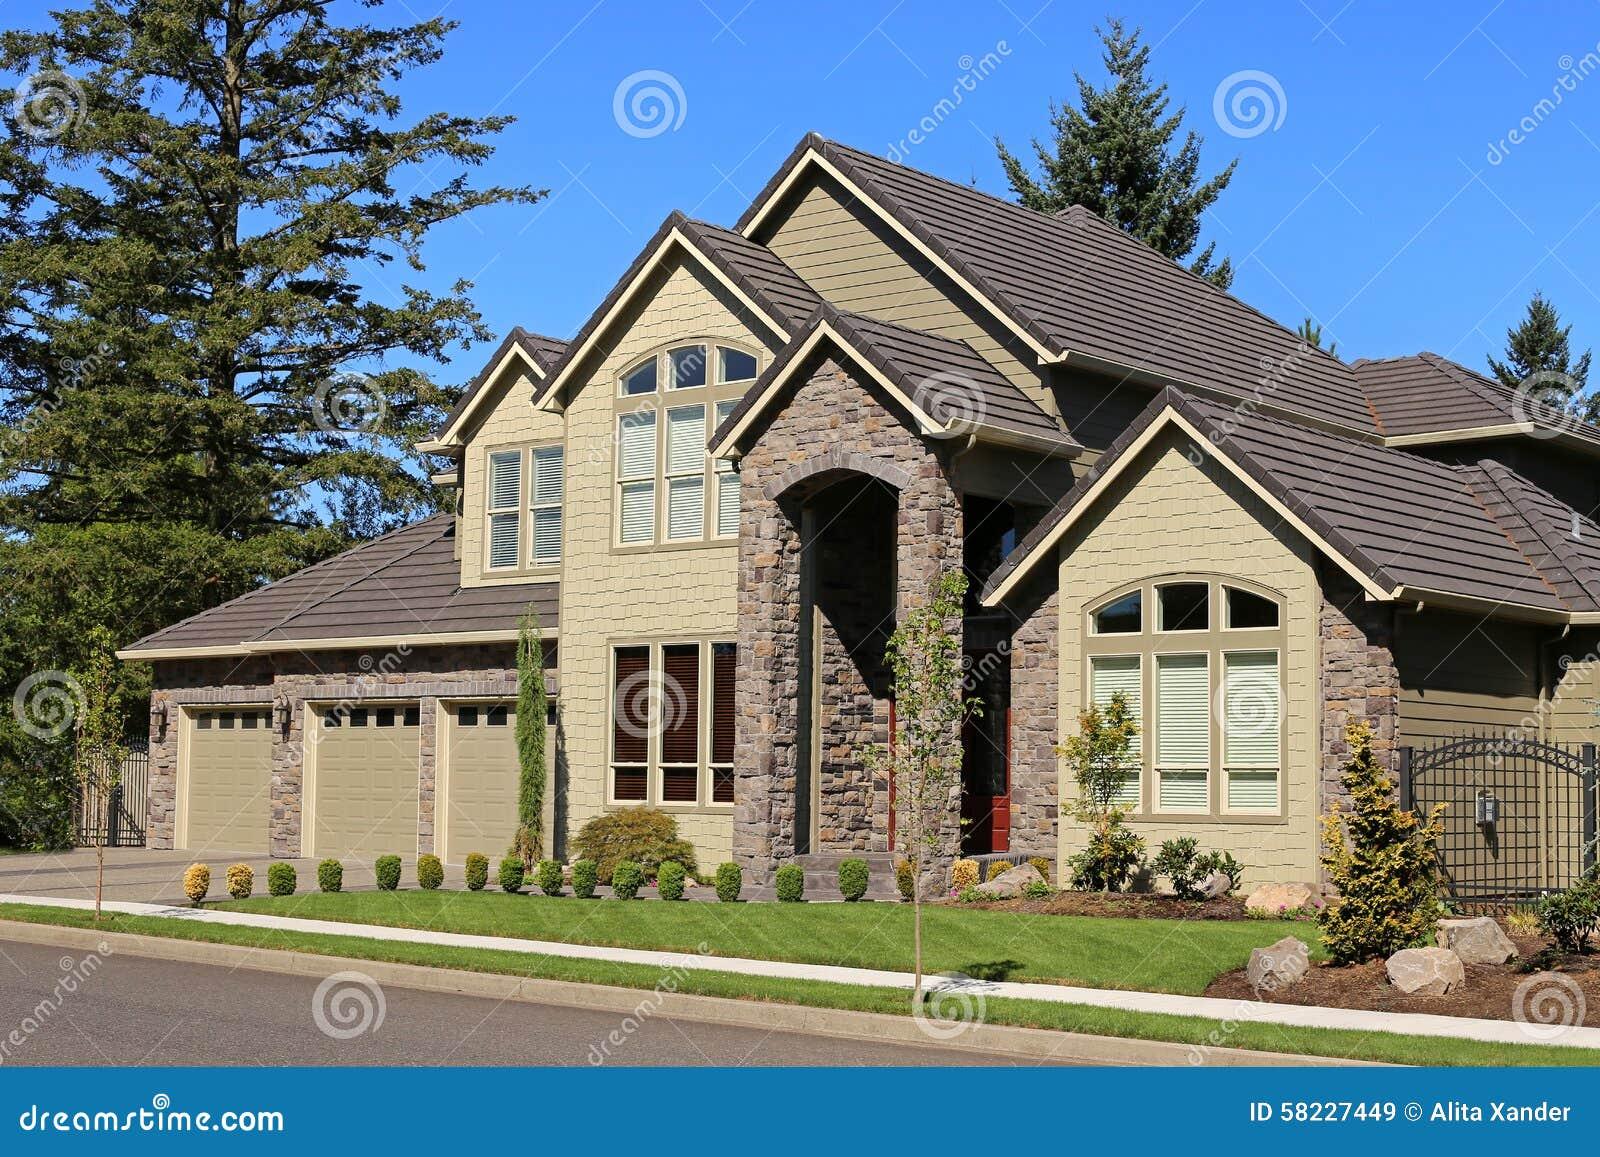 Belle Maison Familiale Photo stock - Image: 58227449